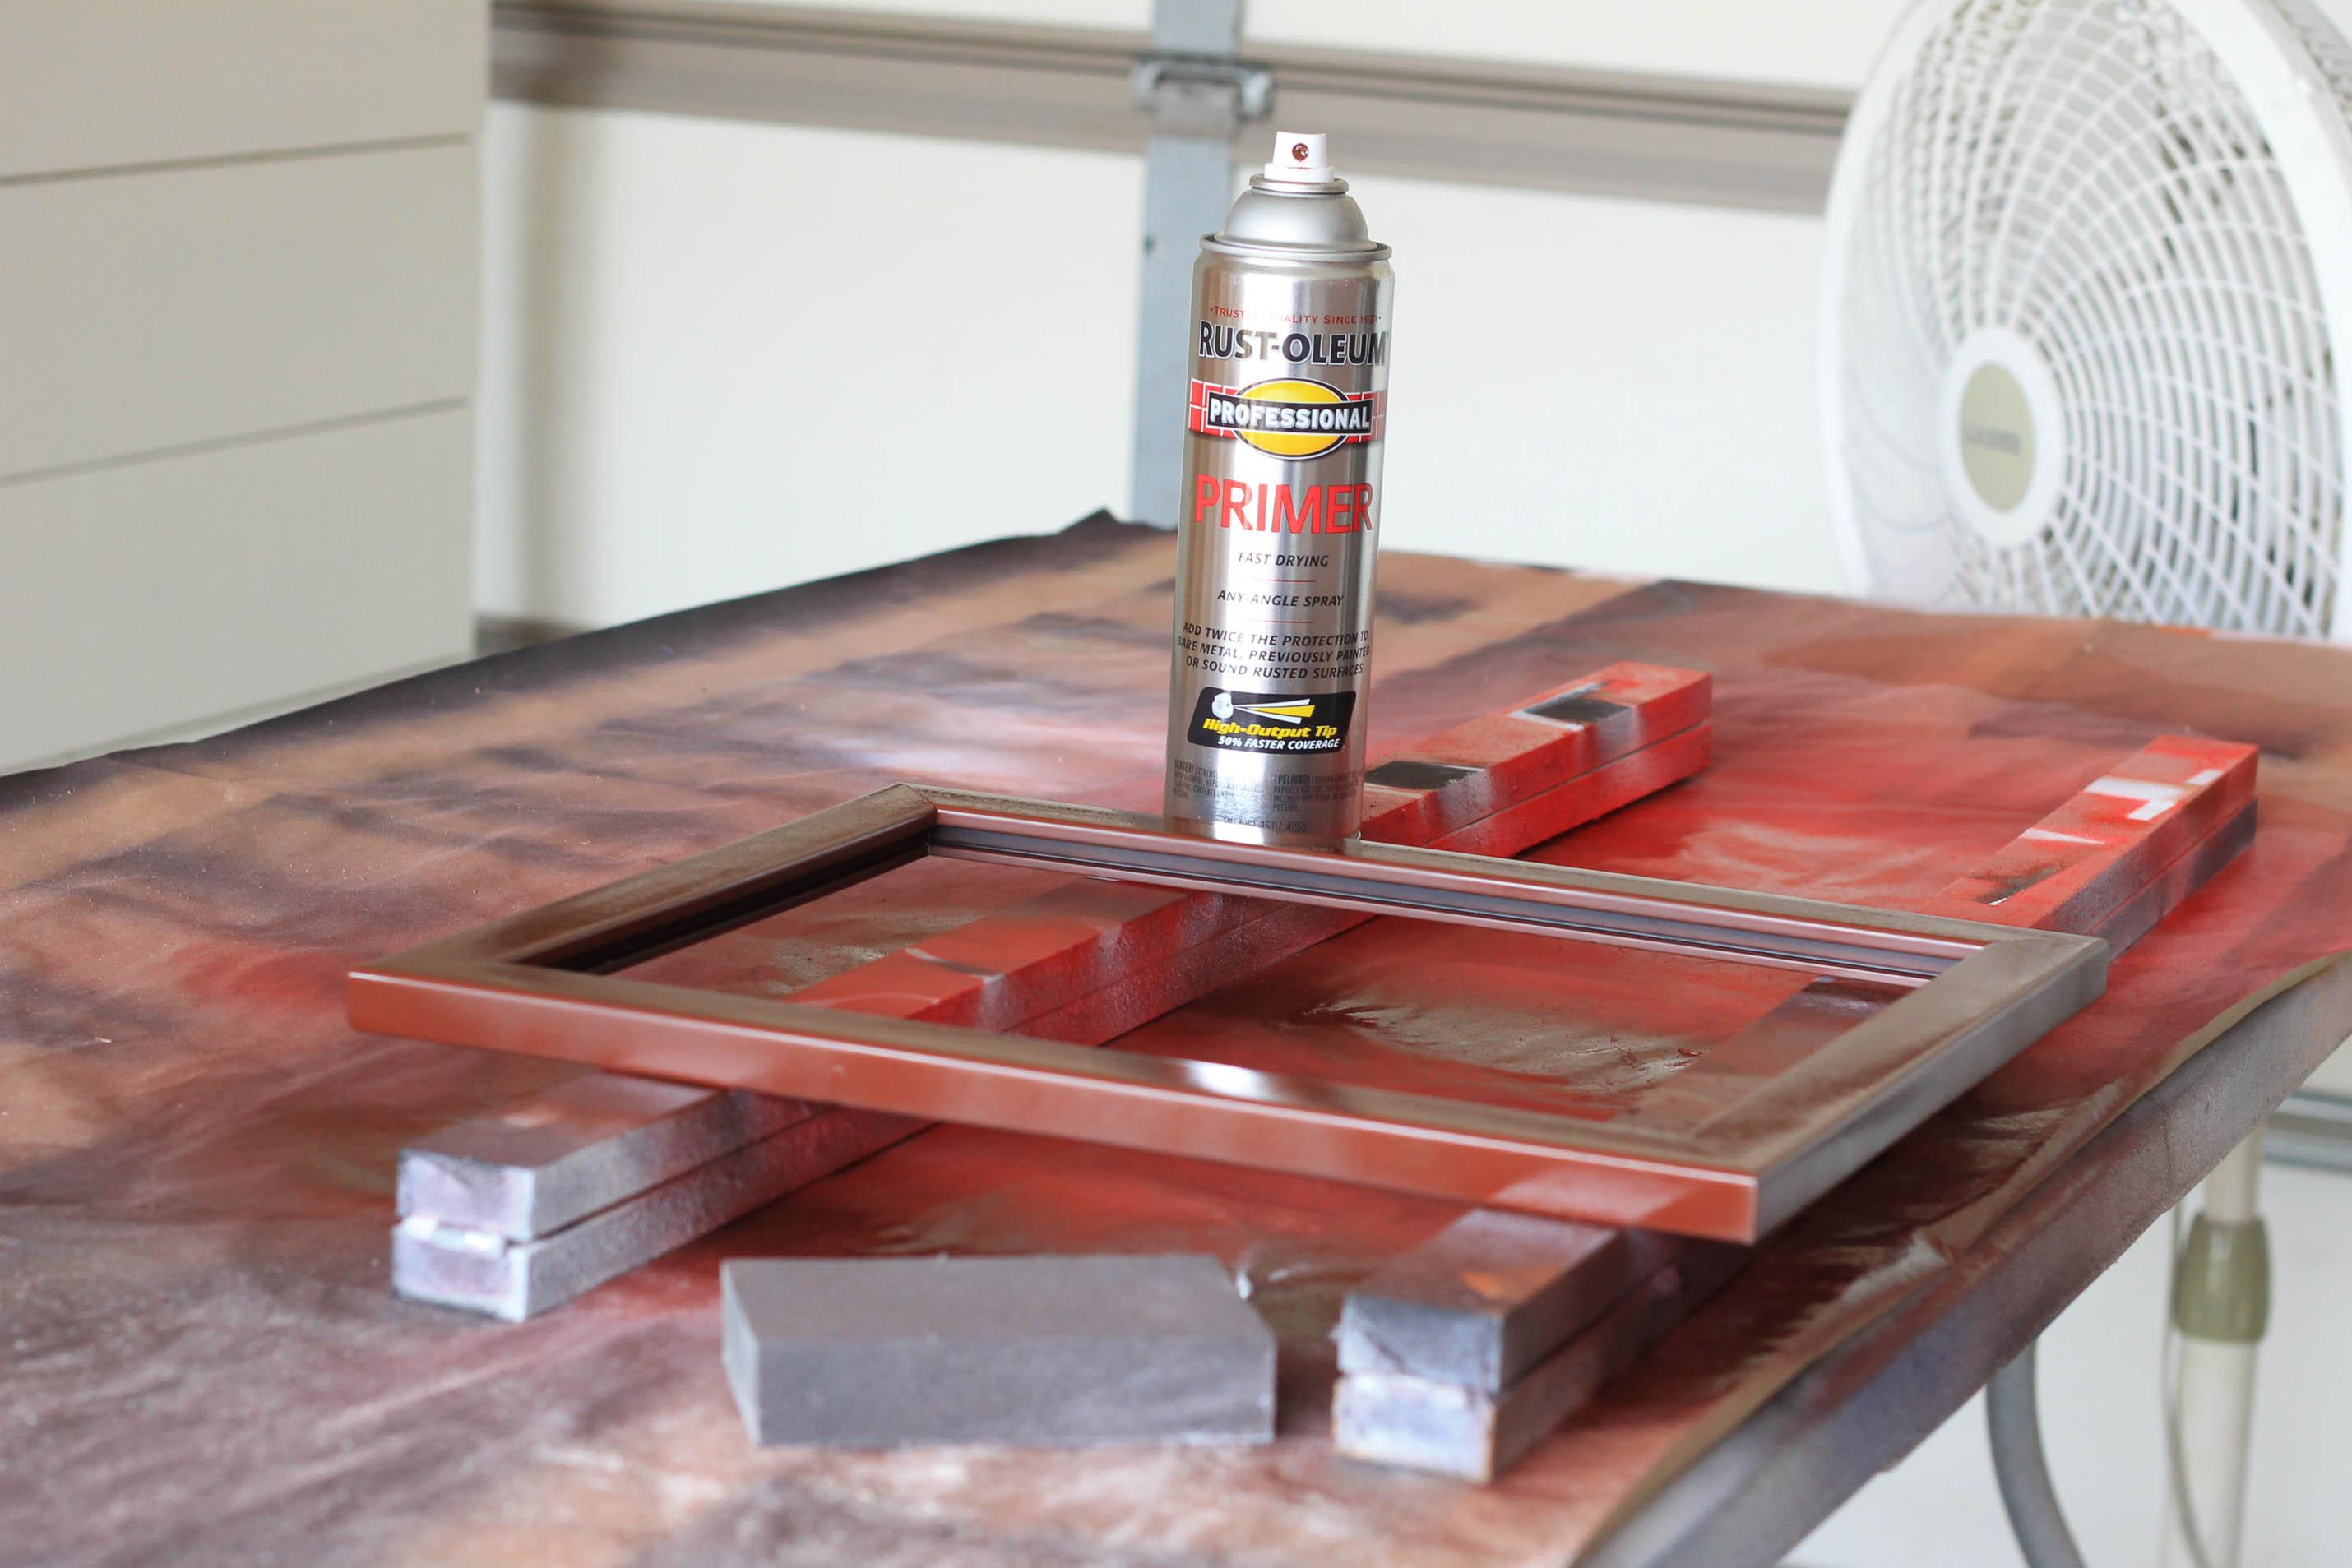 Red Primer Spray for Gold Leaf